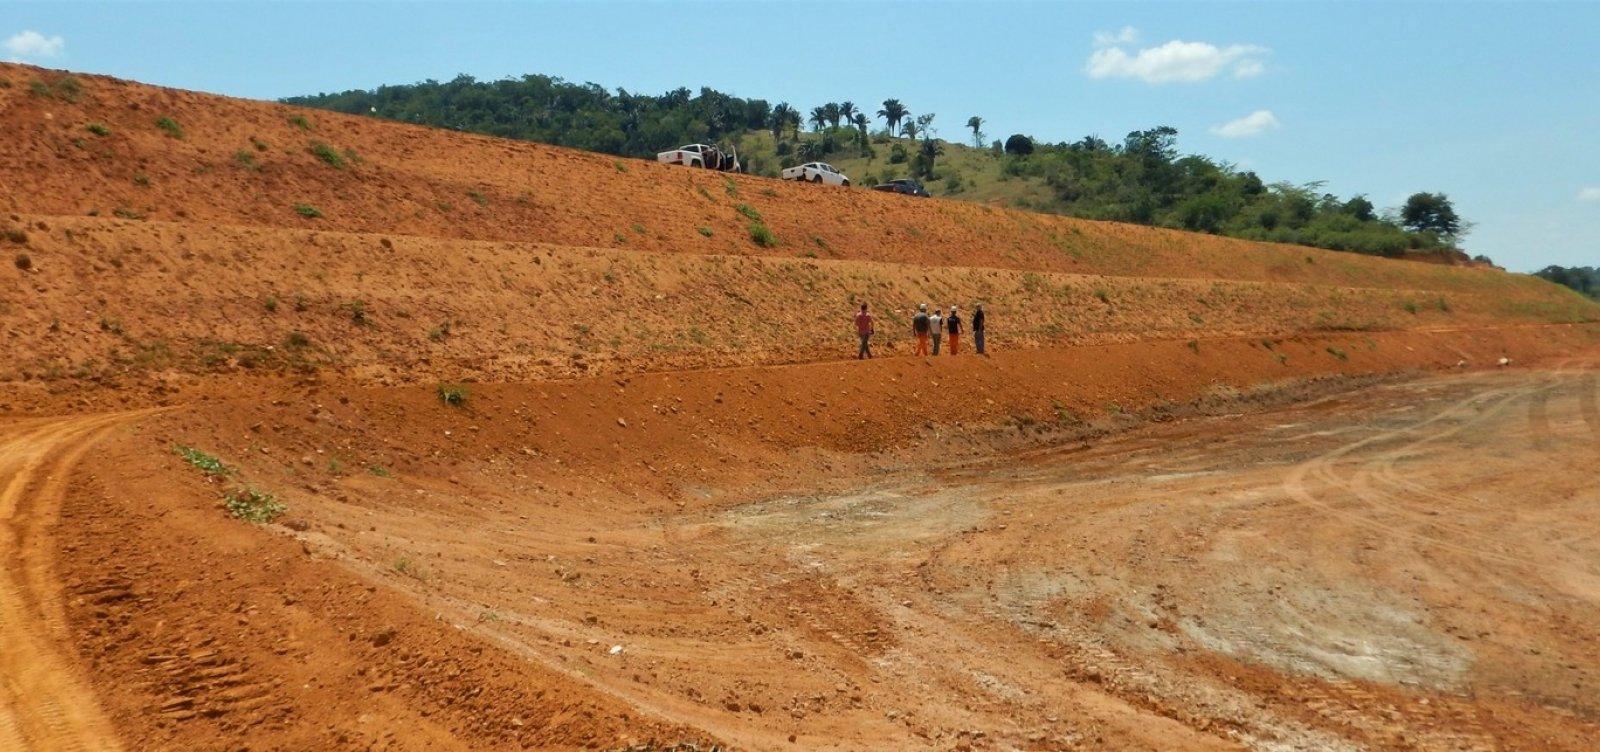 Barragem na Bahia é interditada por alto risco de rompimento e inundação